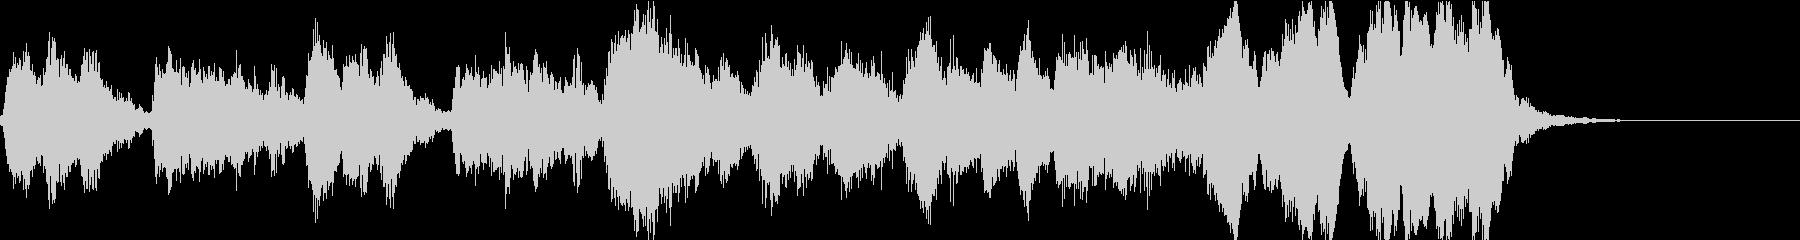 管弦楽のエキゾチックなジングルの未再生の波形